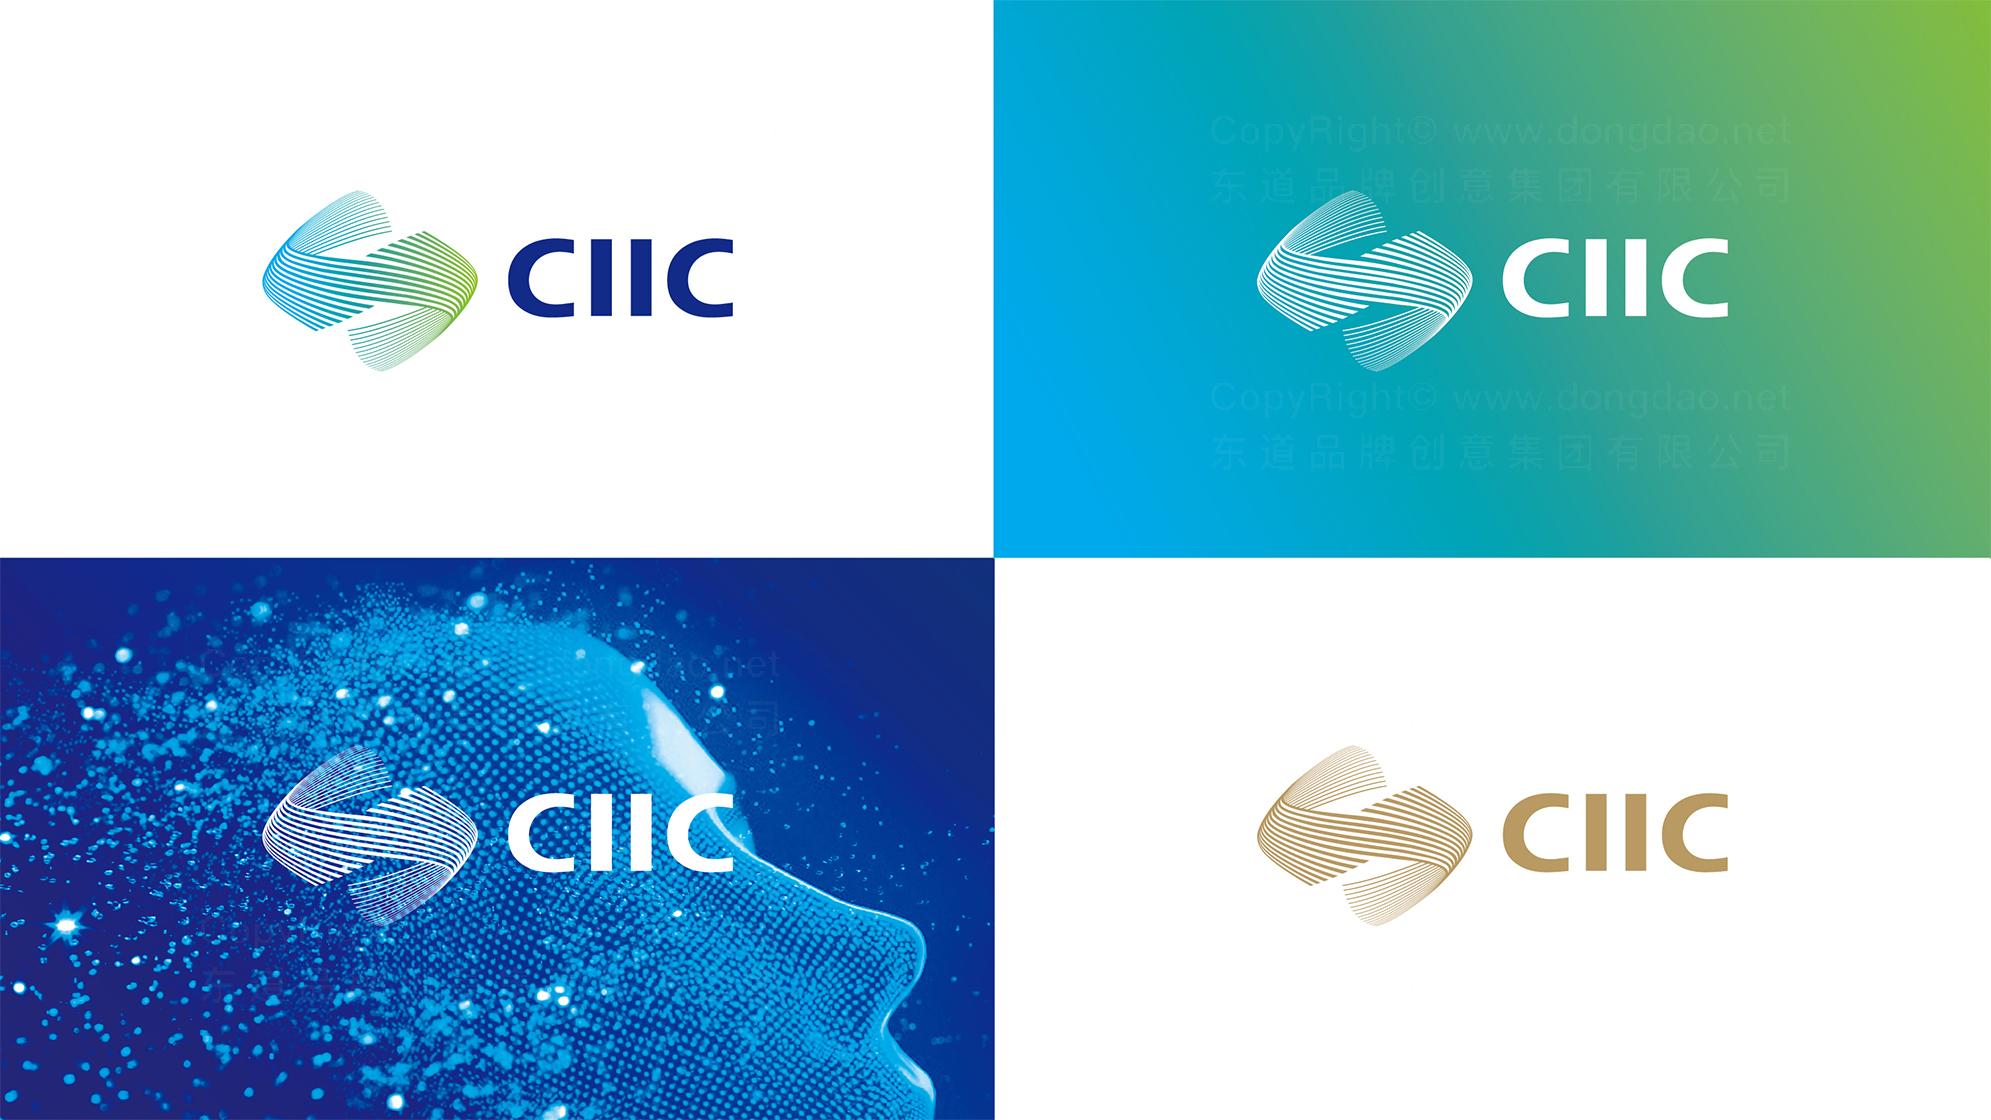 品牌设计中国工业互联网大赛LOGO&VI设计应用